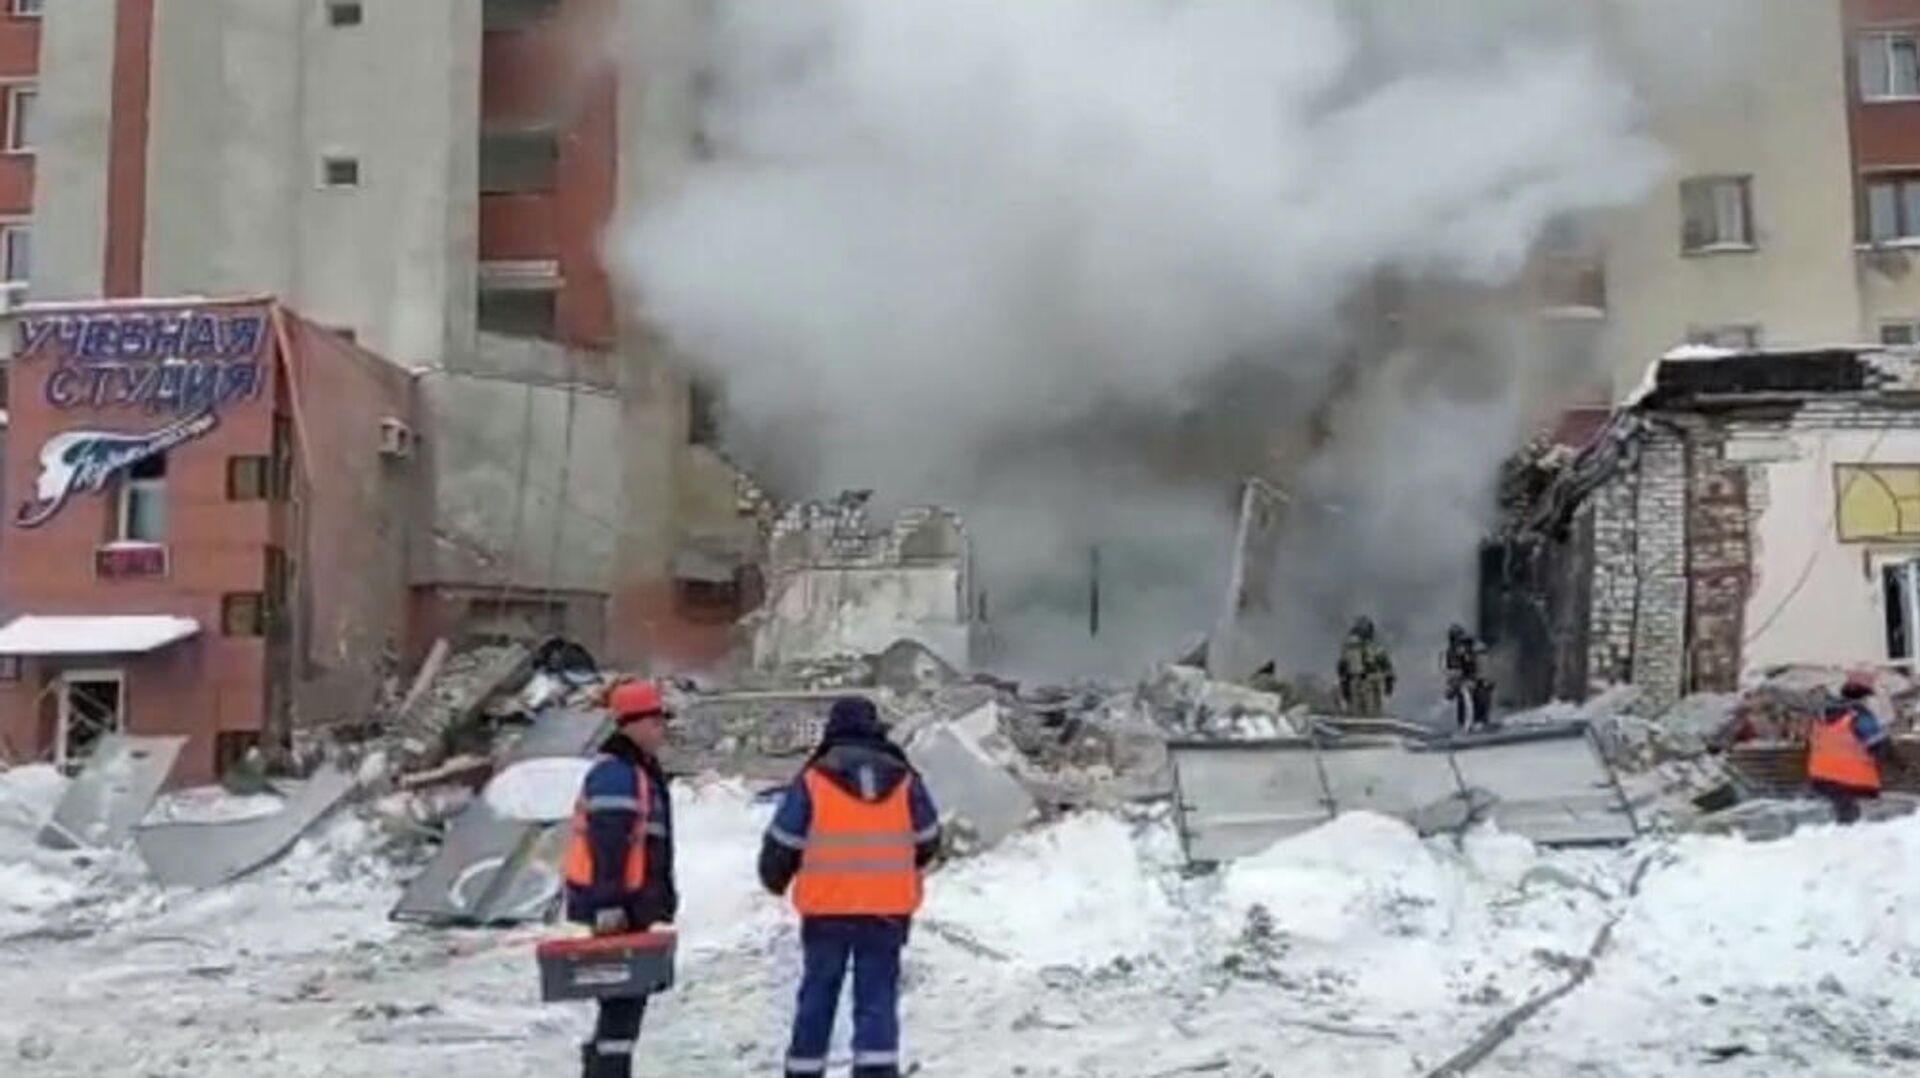 Verbrauchergas-Explosion in der zentralrussischen Stadt Nischni Nowgorod  - SNA, 1920, 26.02.2021